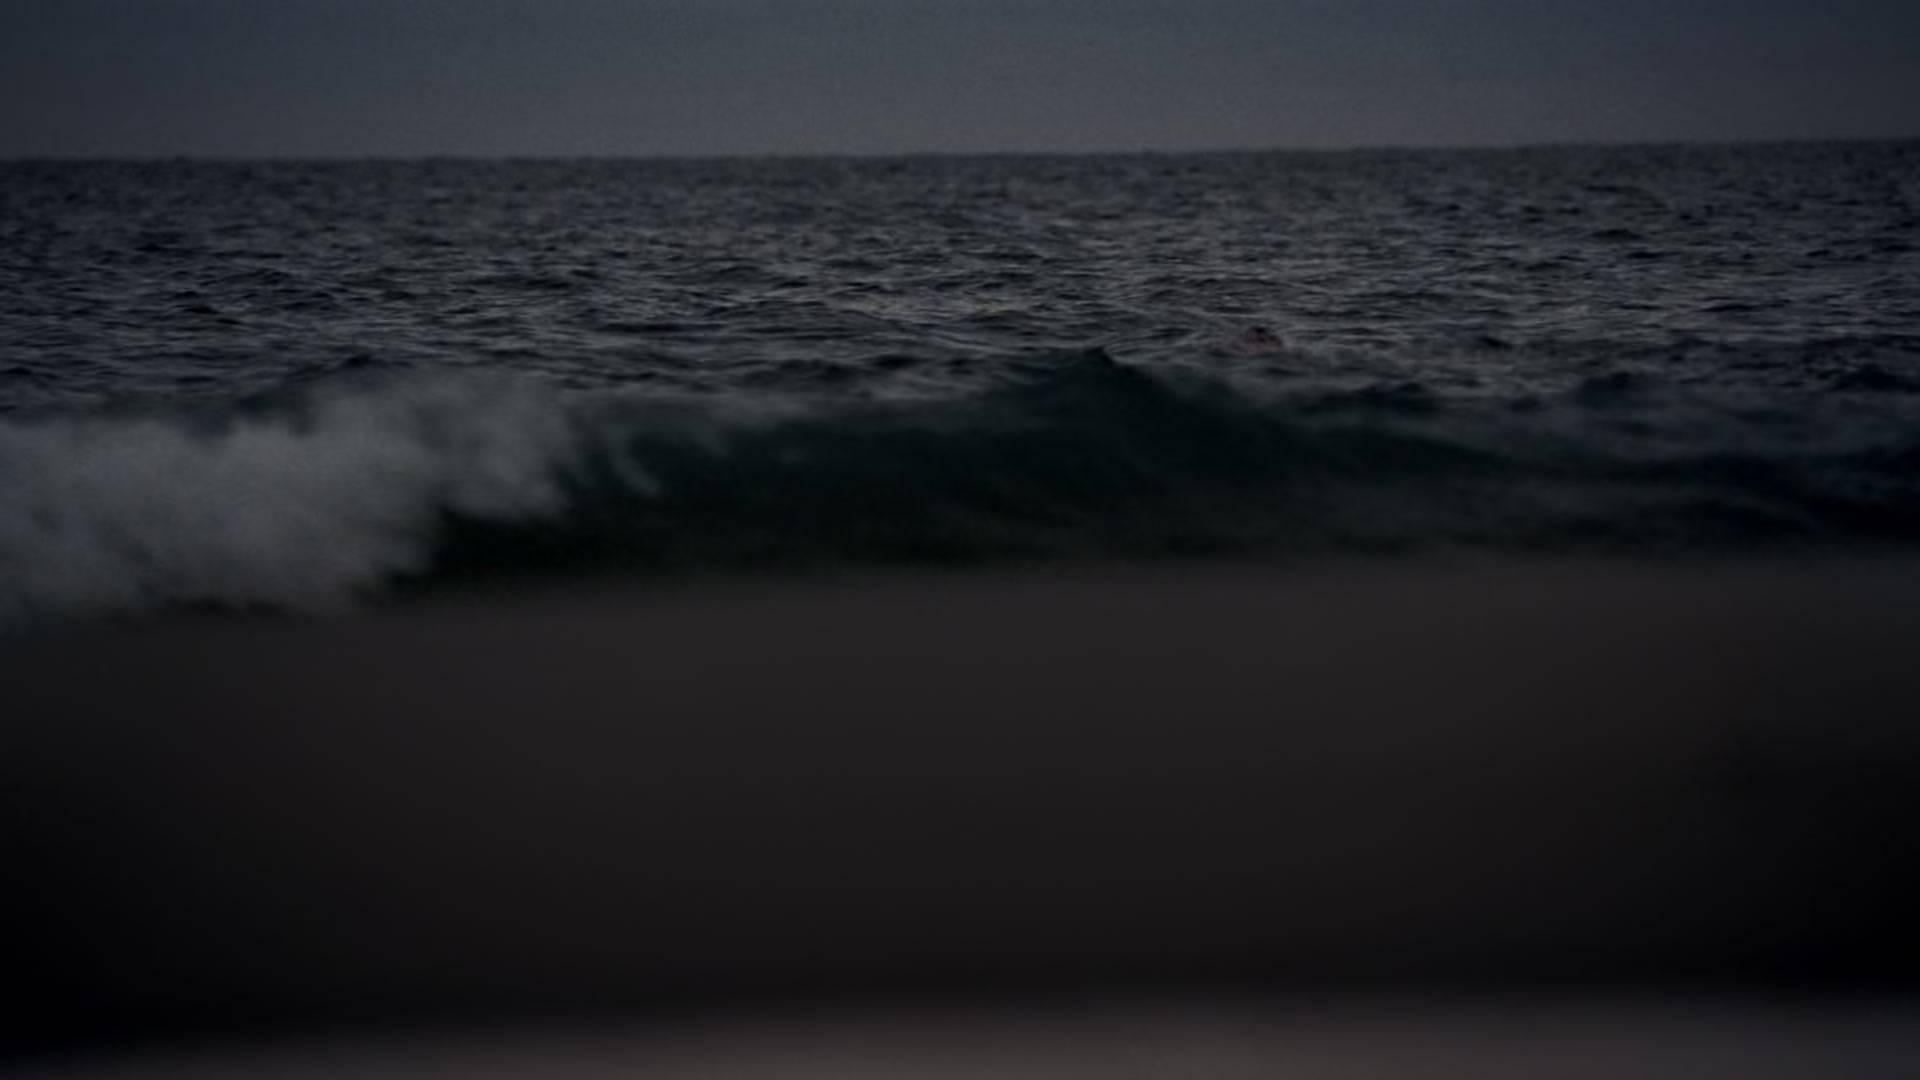 boardwalk empire 1080p x265